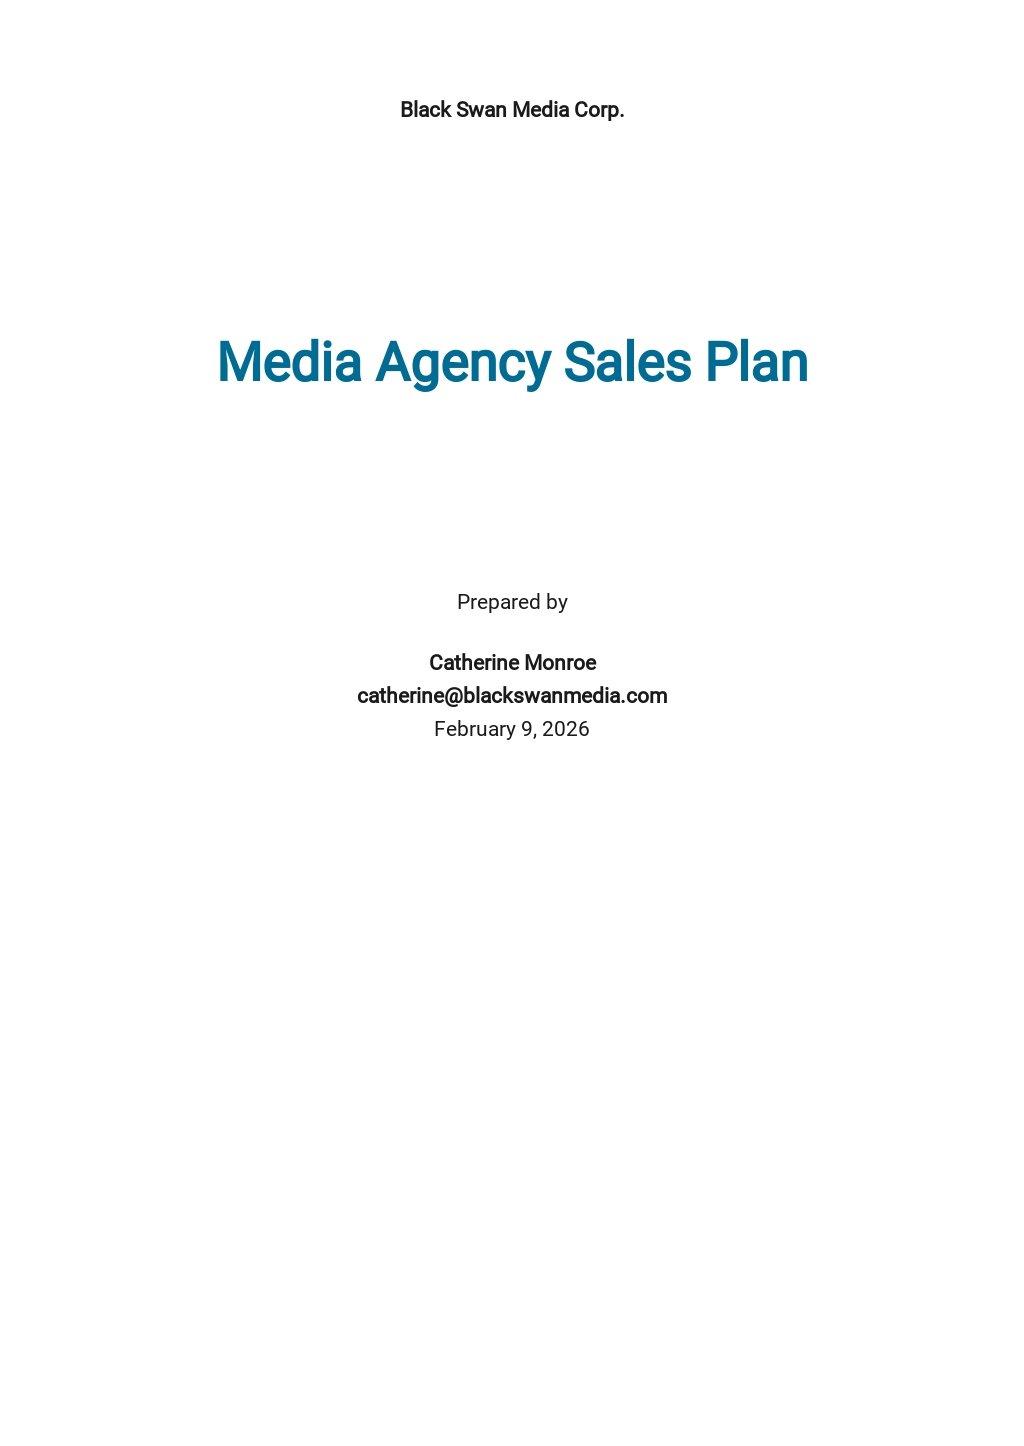 Media Agency Sales Plan Template.jpe